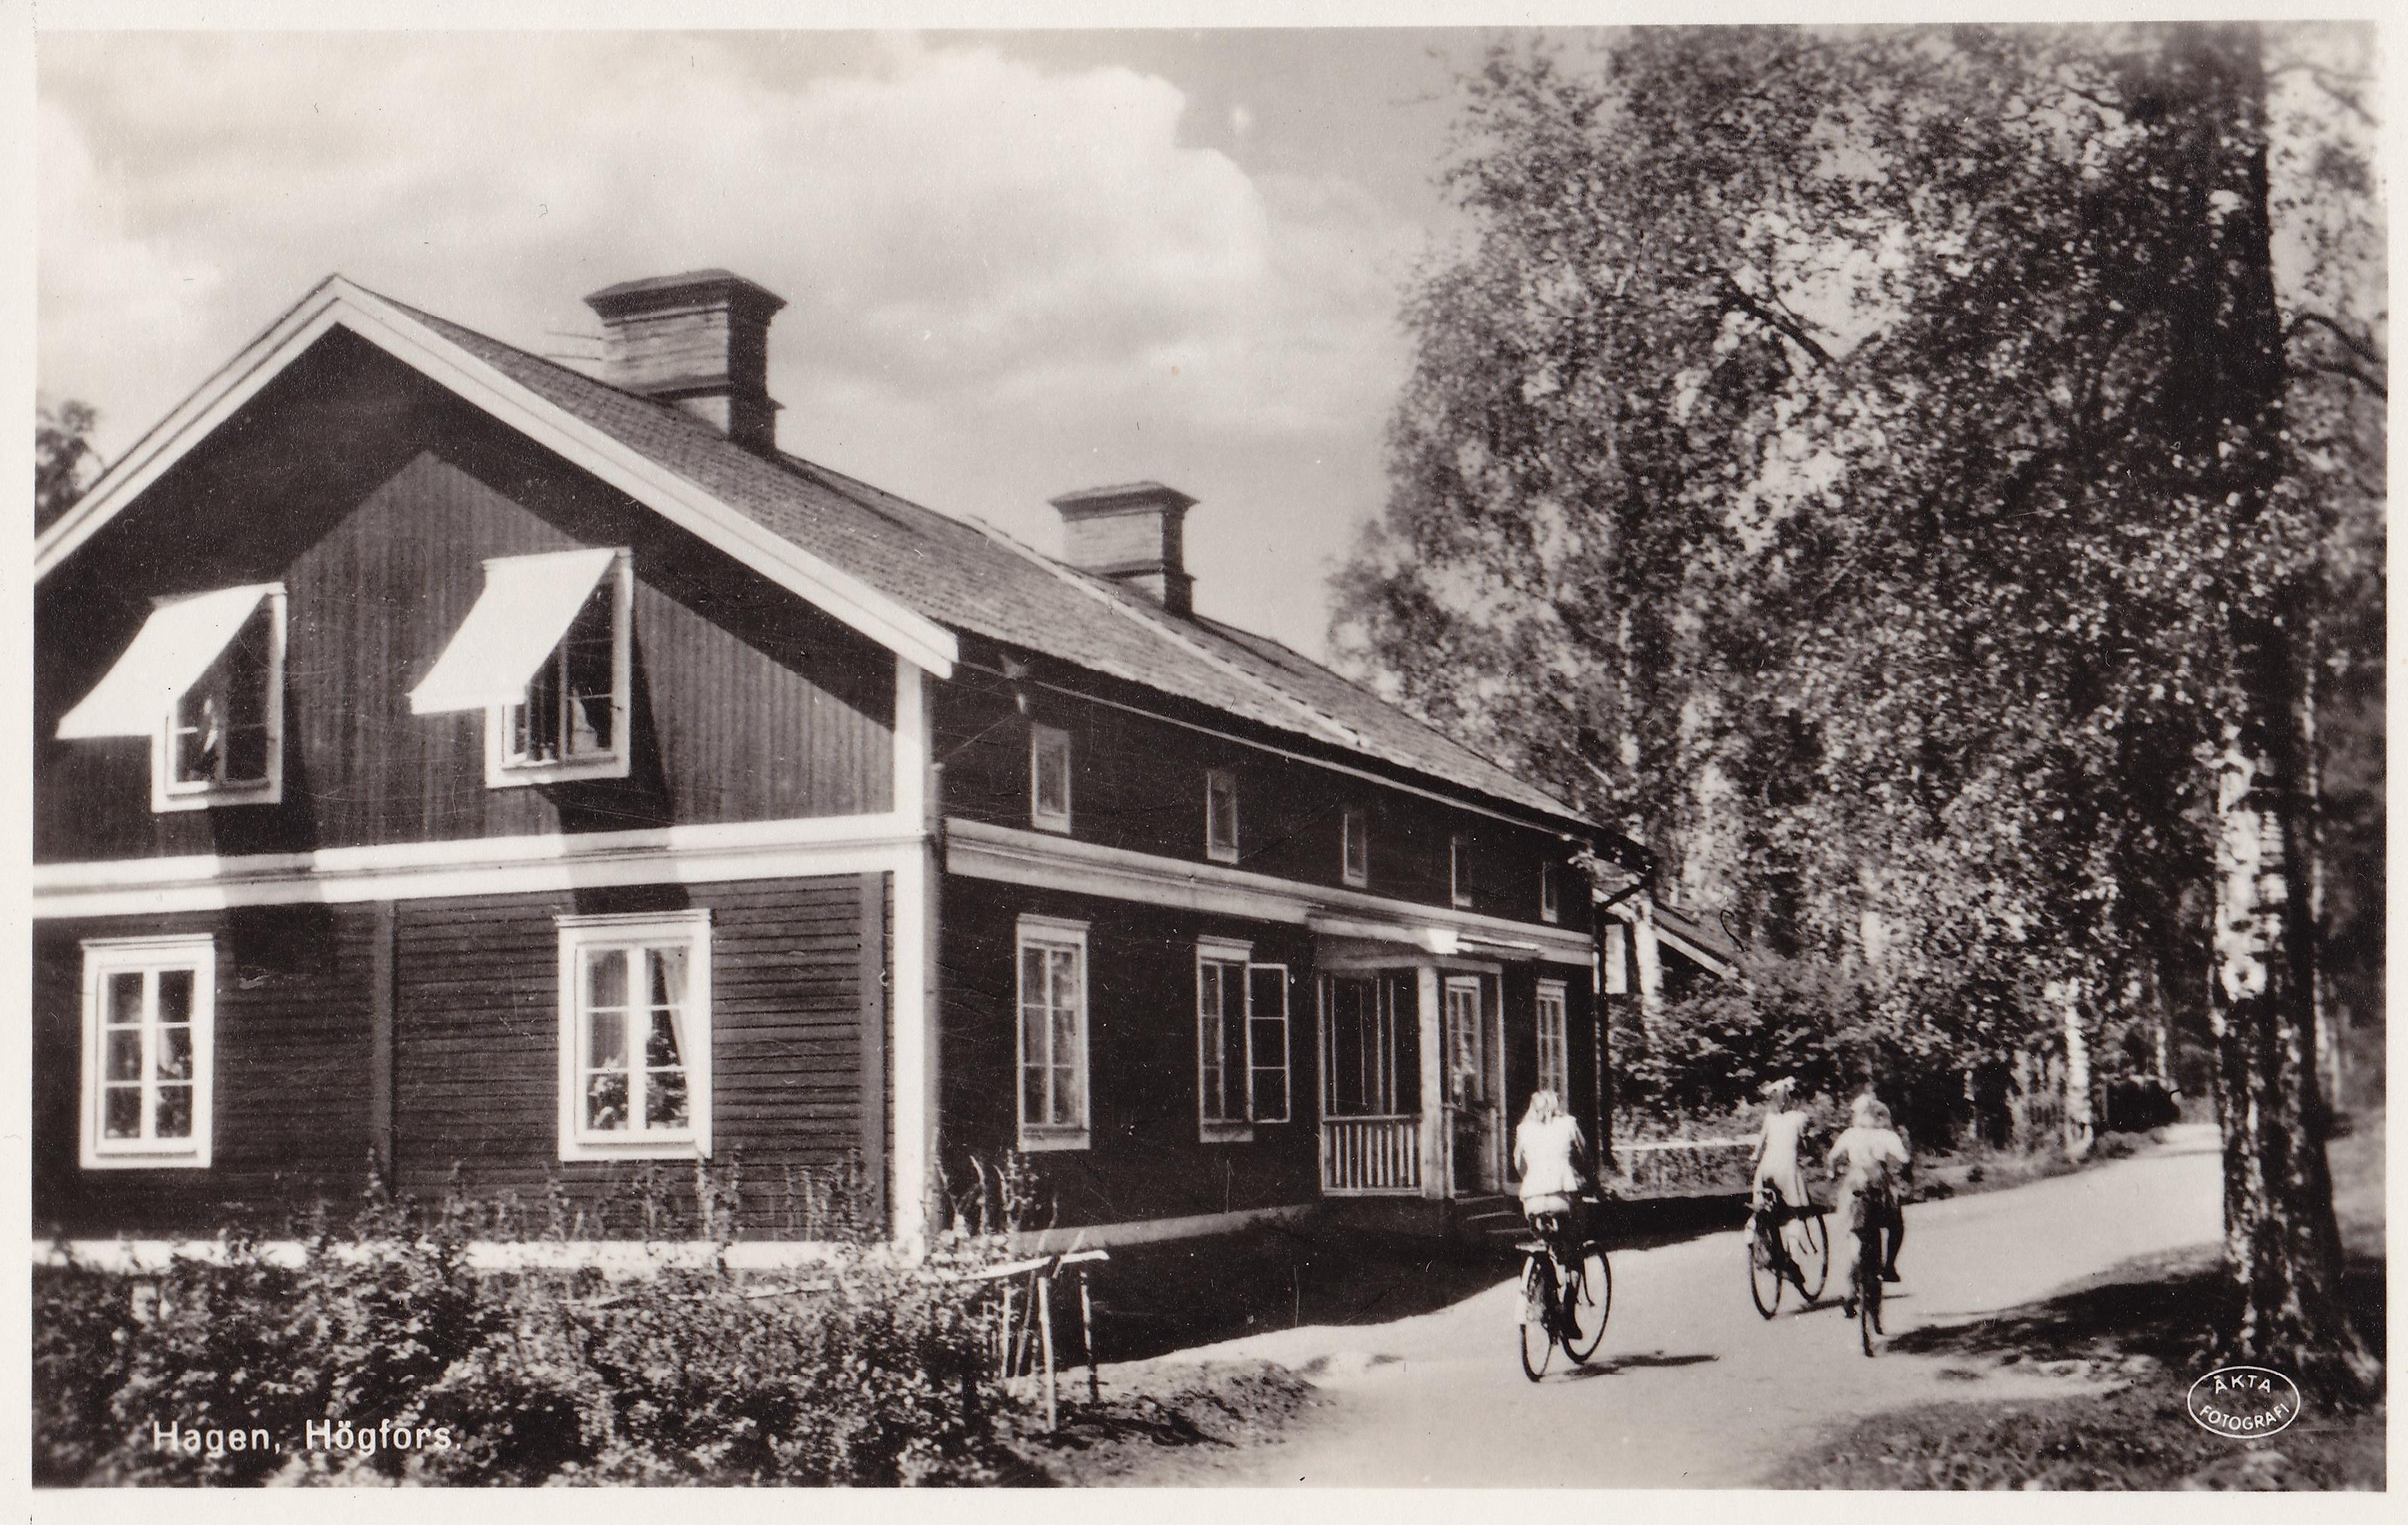 Högfors Hagen